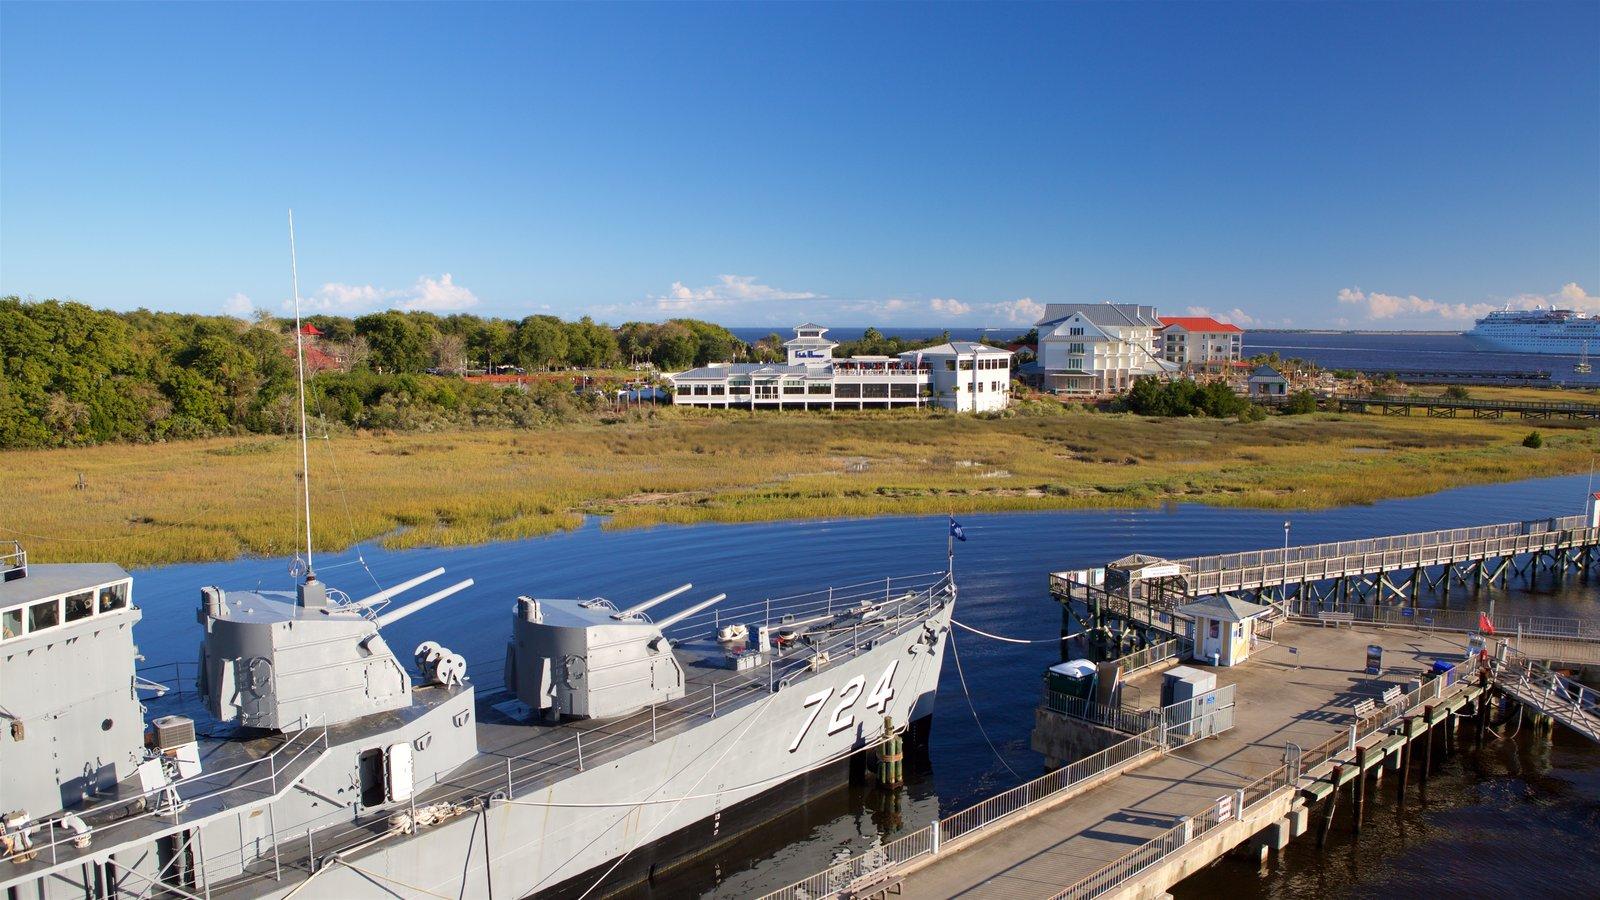 USS Yorktown caracterizando itens militares, uma baía ou porto e um pôr do sol